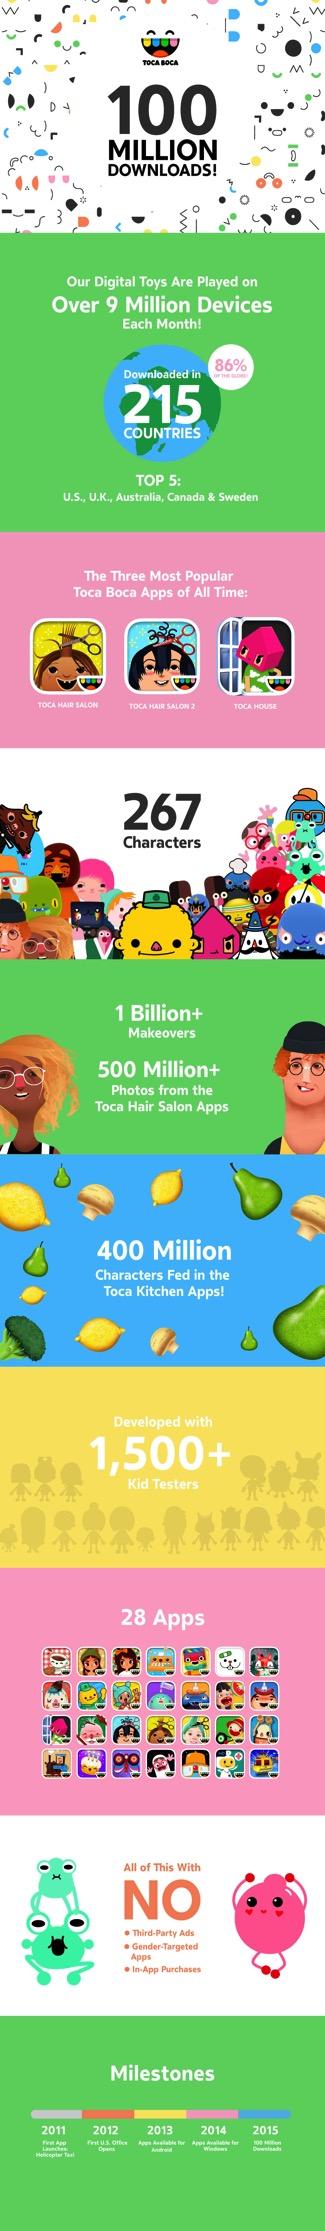 Toca Boca Celebrates 100M Downloads